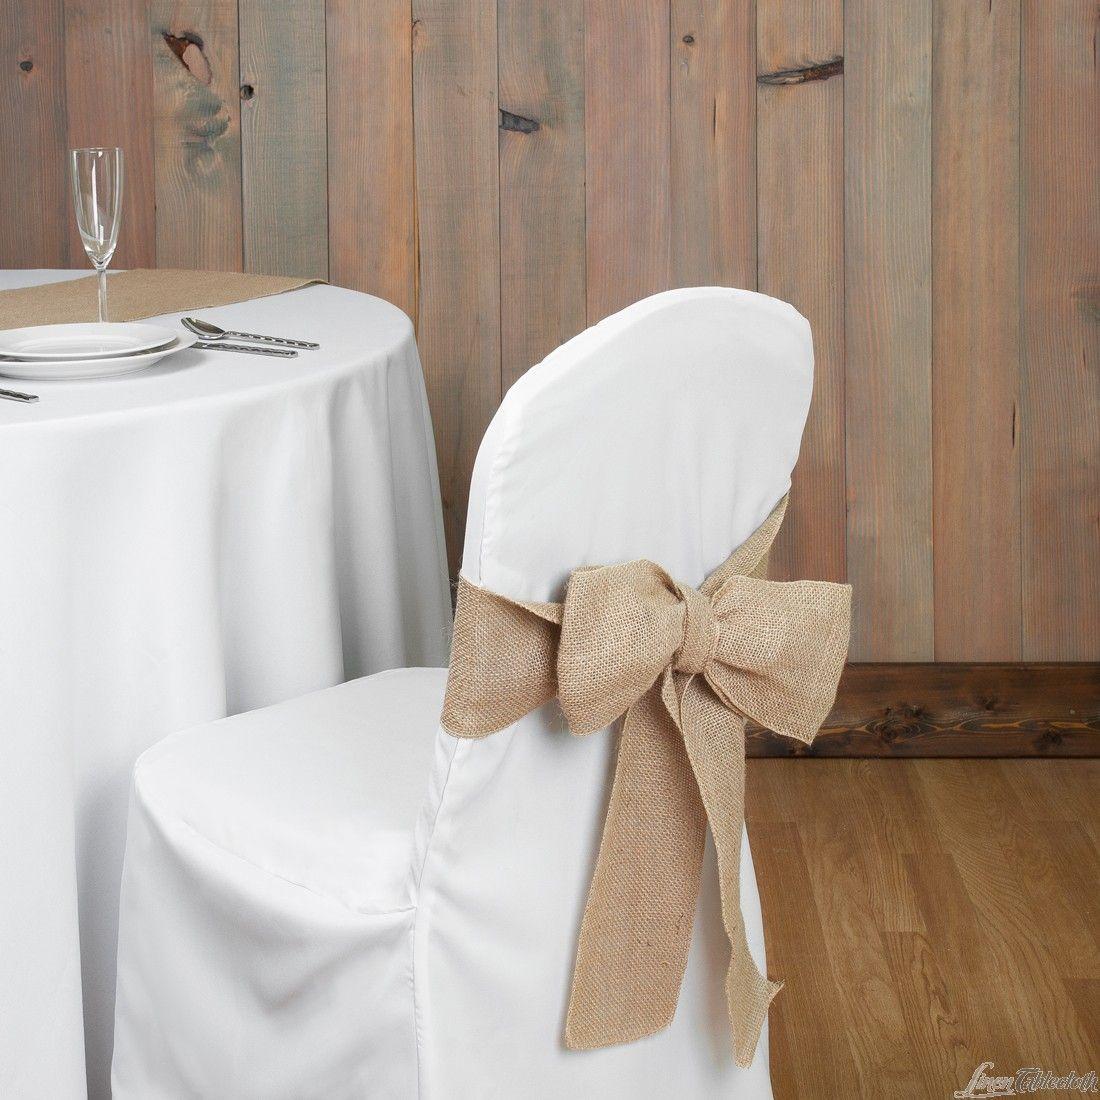 Table Linens Linen Tablecloth Shopping Linentablecloth Burlap Chair Sashes Burlap Chair Chair Covers Wedding